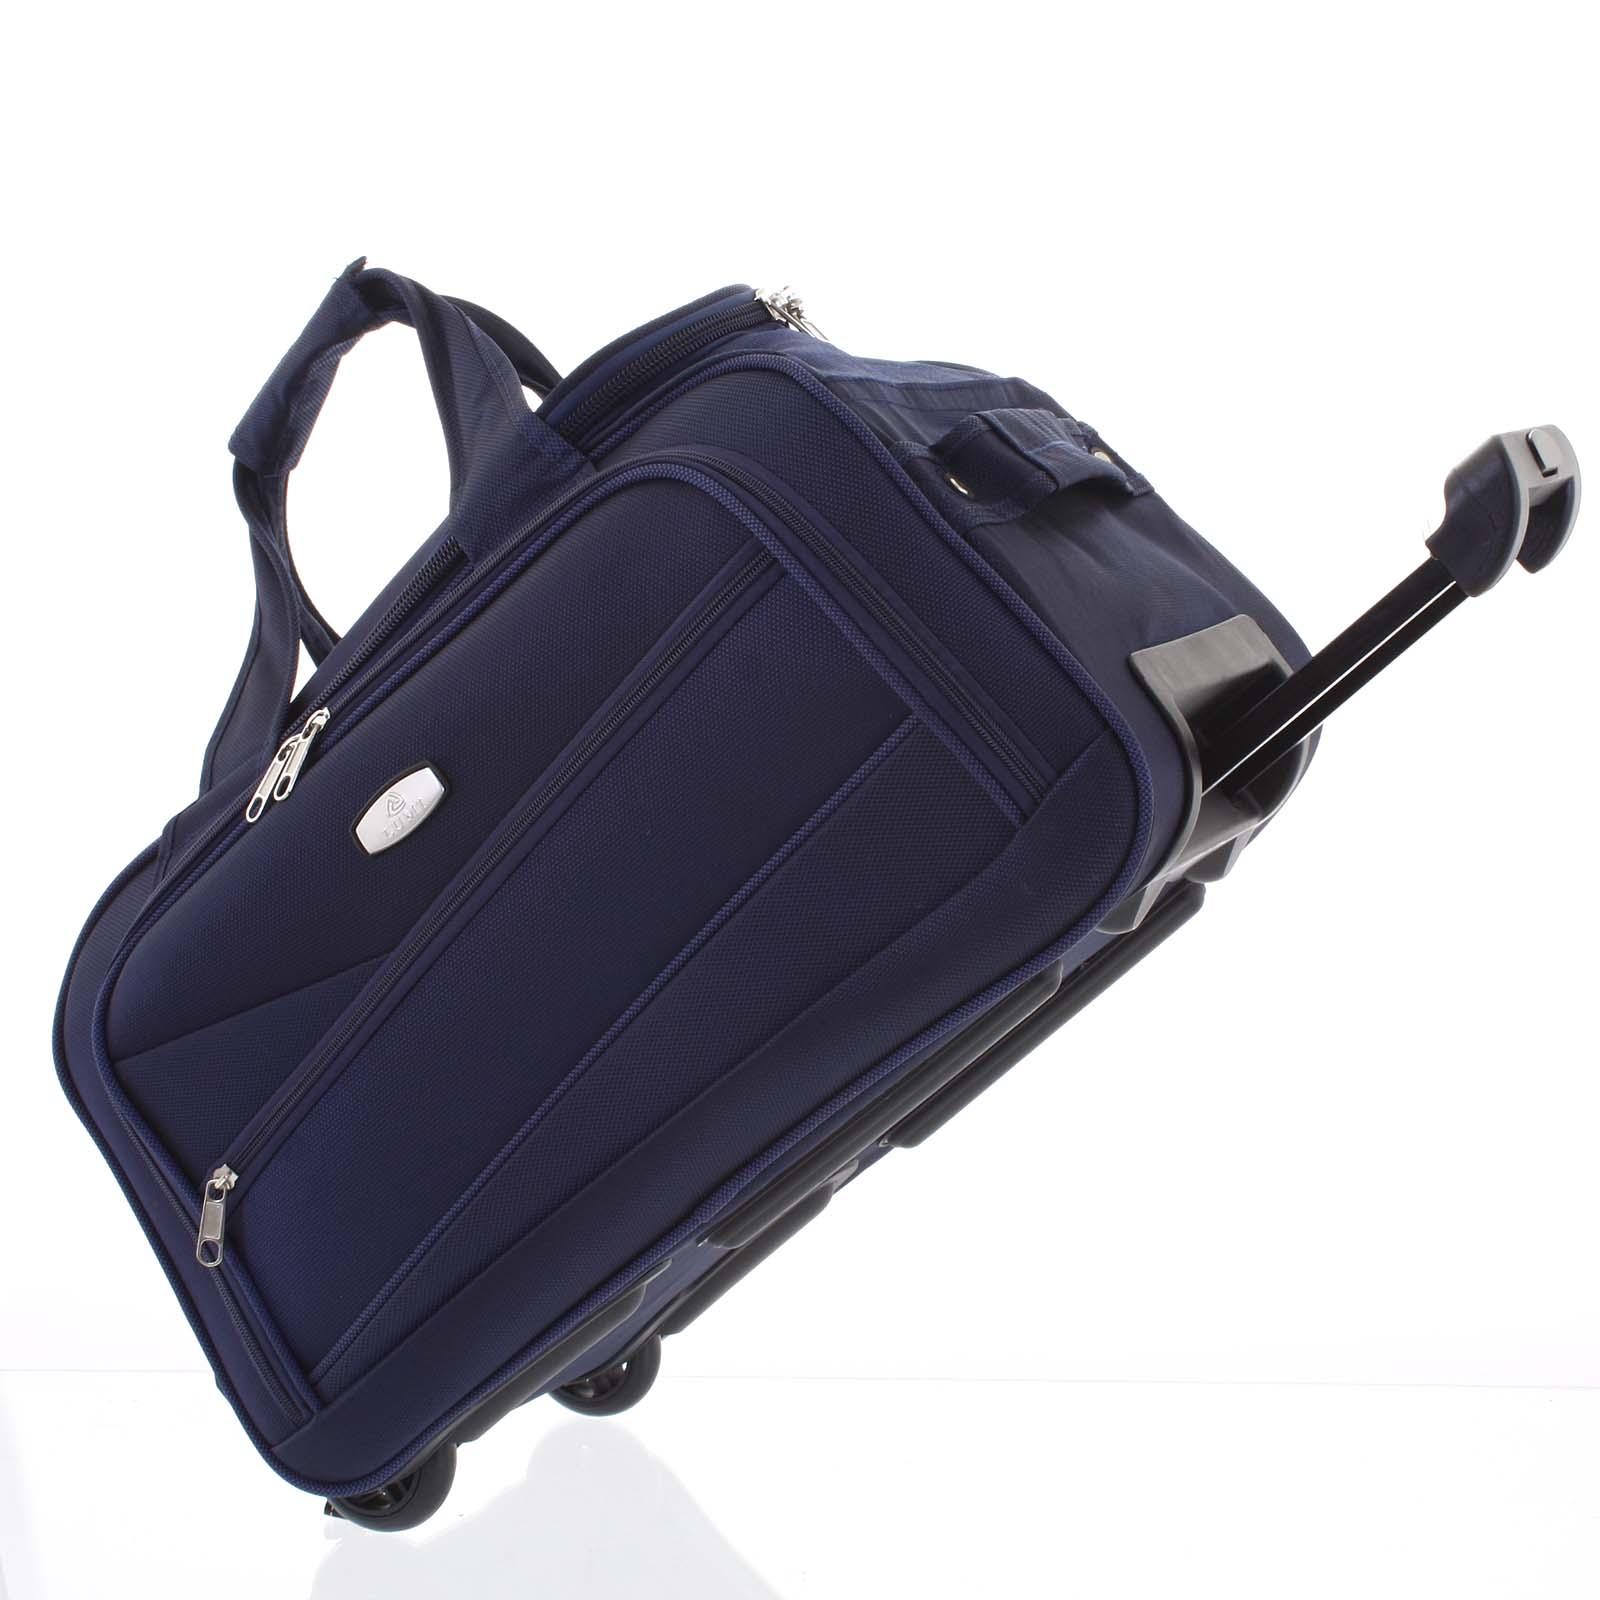 Tmavě modrá cestovní taška na kolečkách - Lumi Sakk S